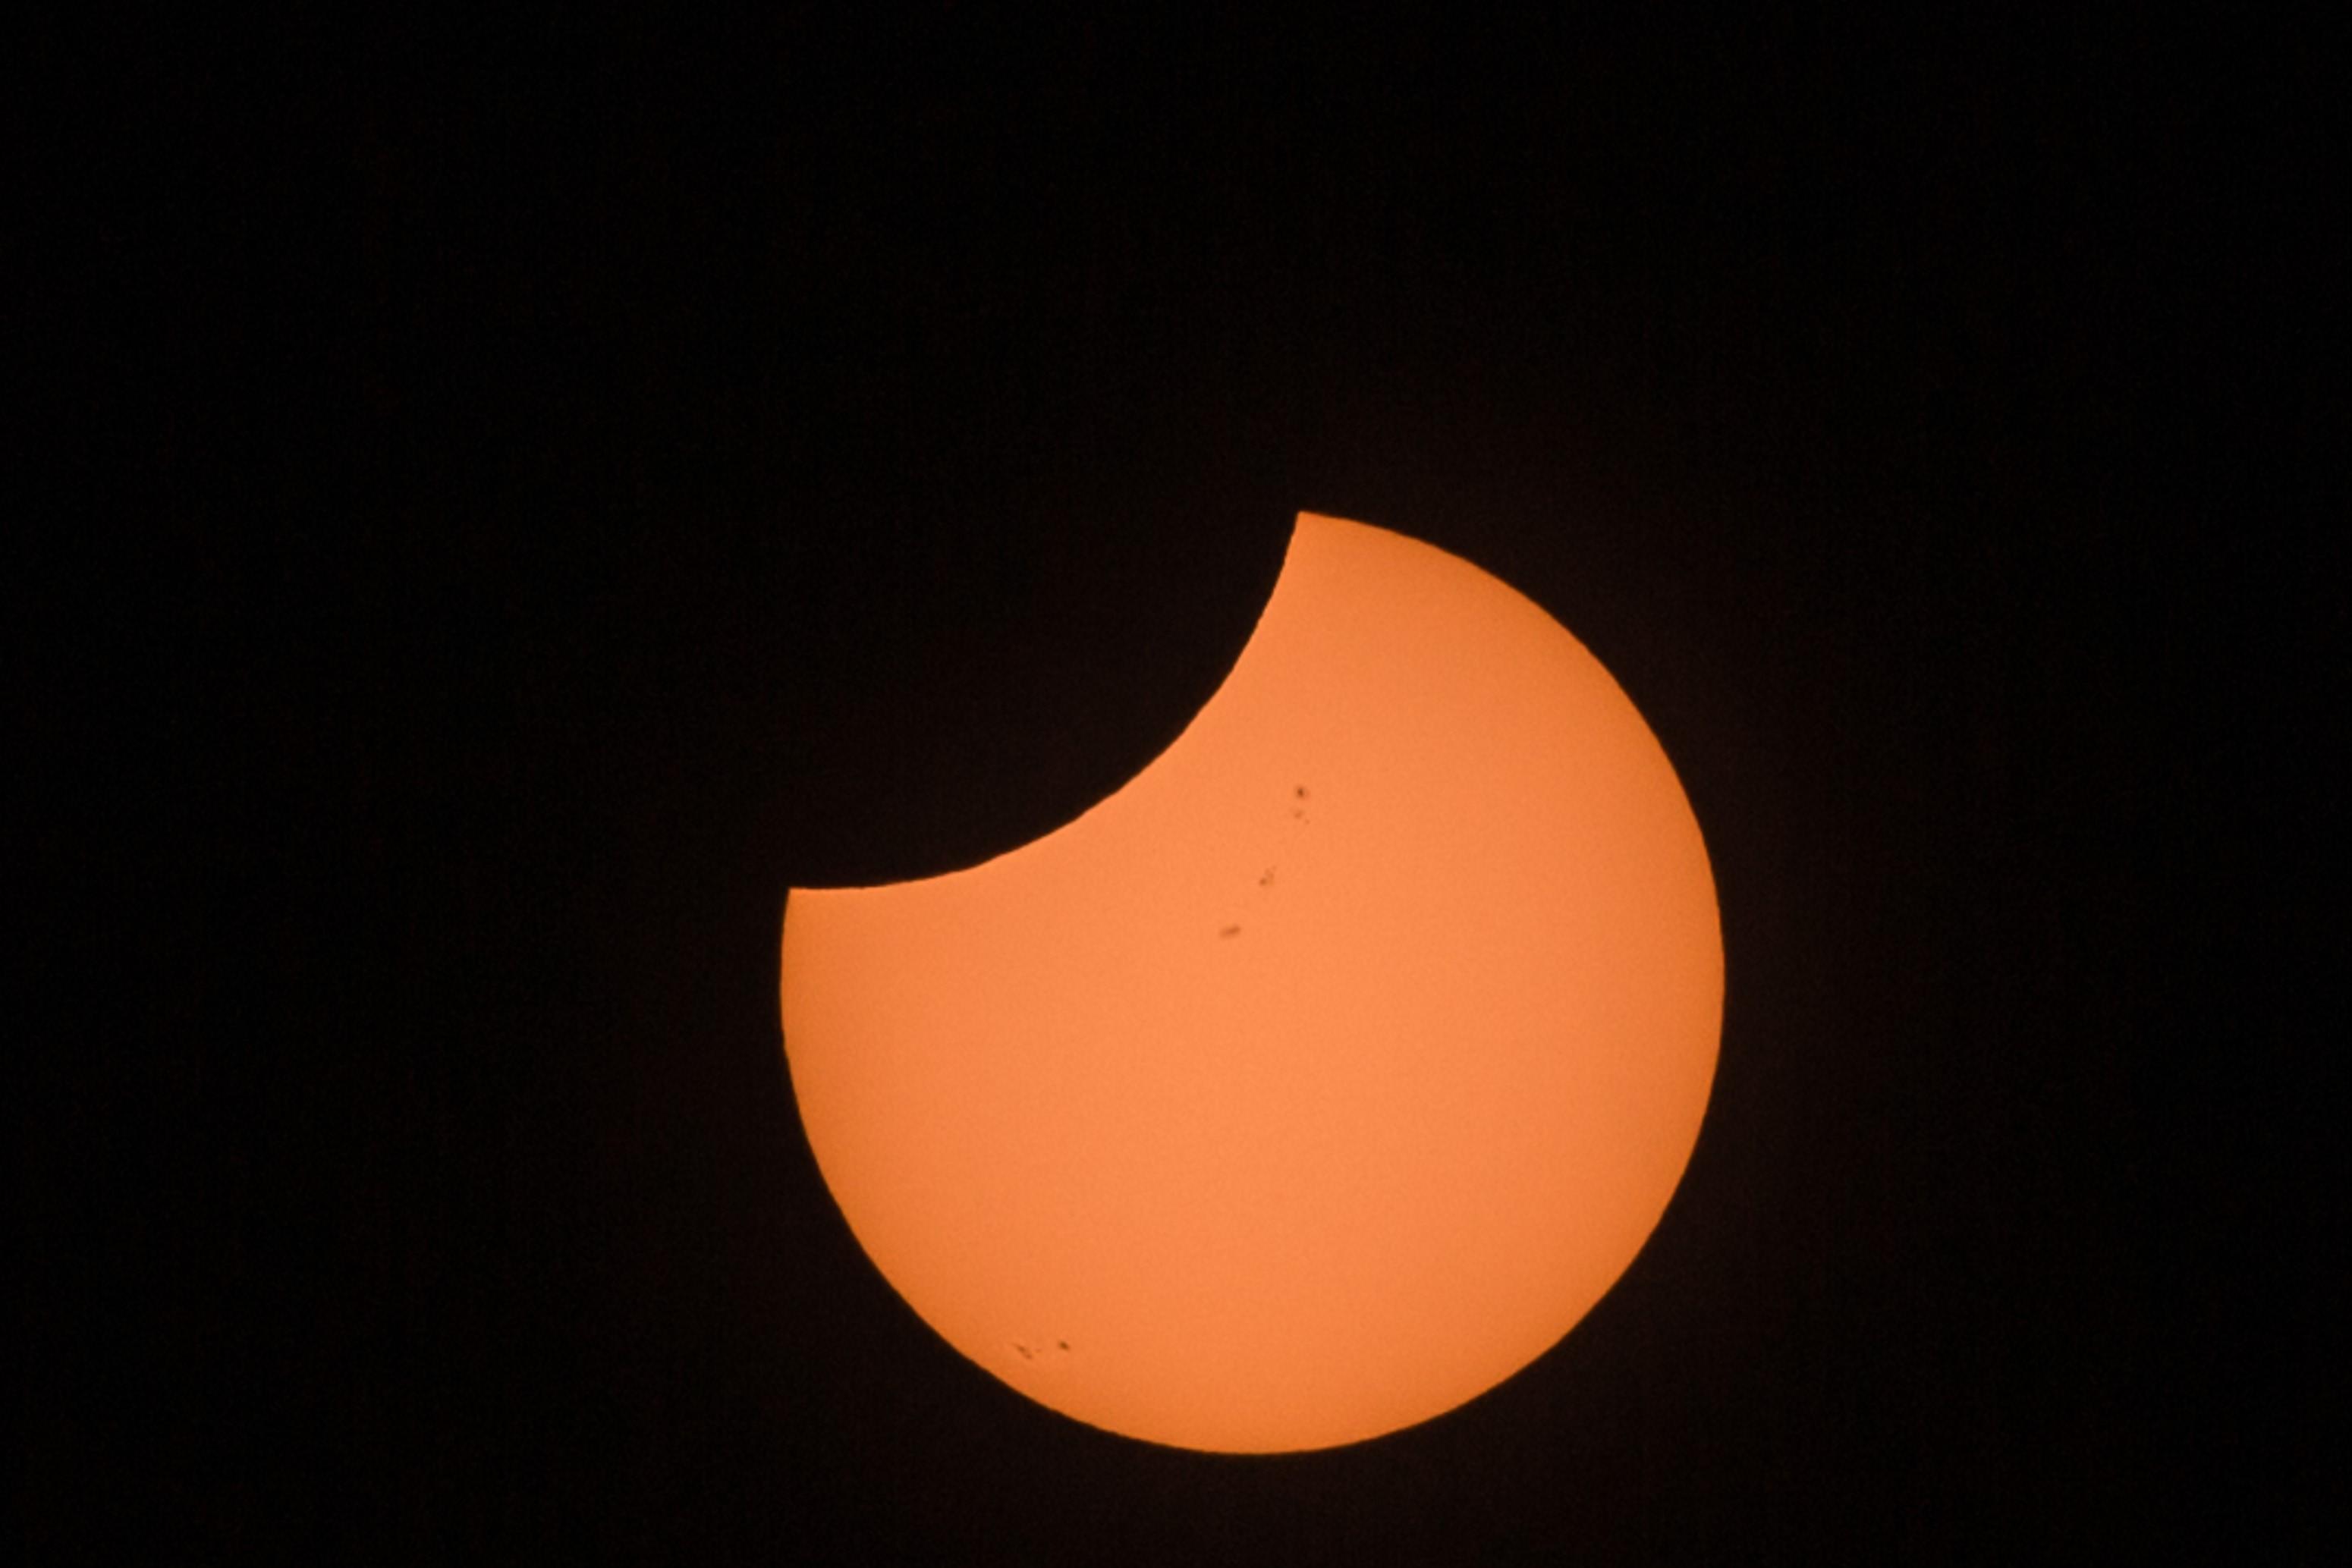 Solar Eclipse in Mexico